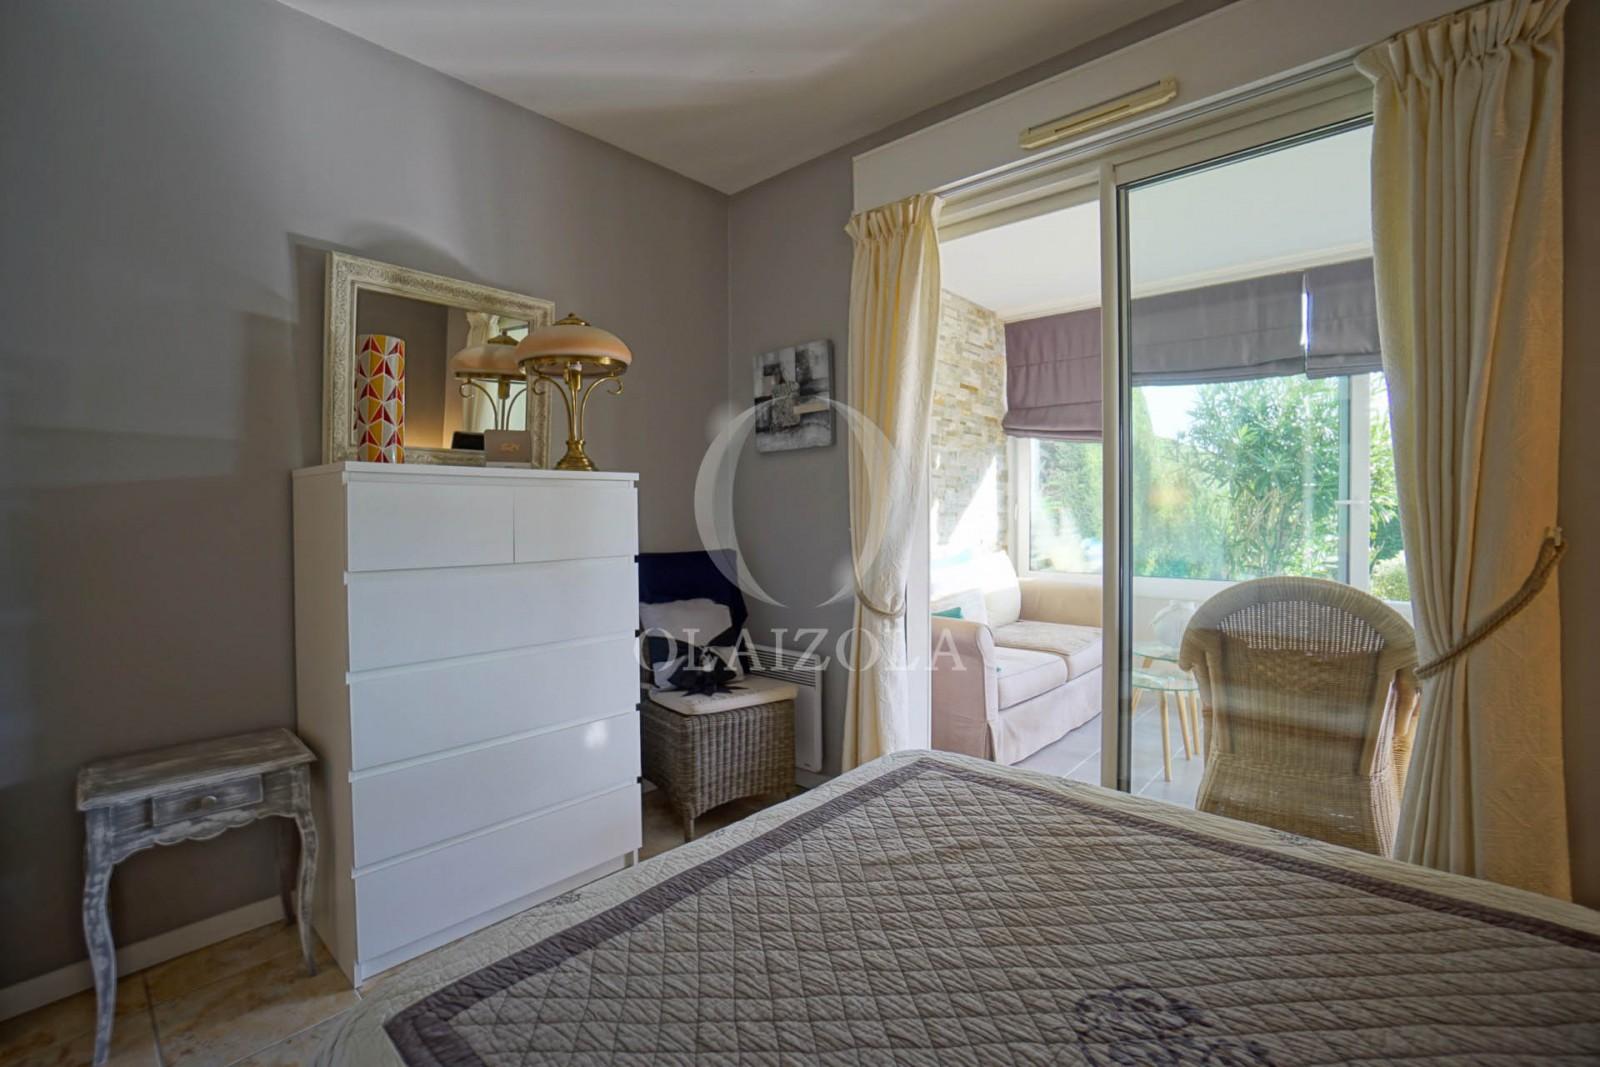 plage village et art de vivre agence olaizola location saisonni re de vacances biarritz. Black Bedroom Furniture Sets. Home Design Ideas